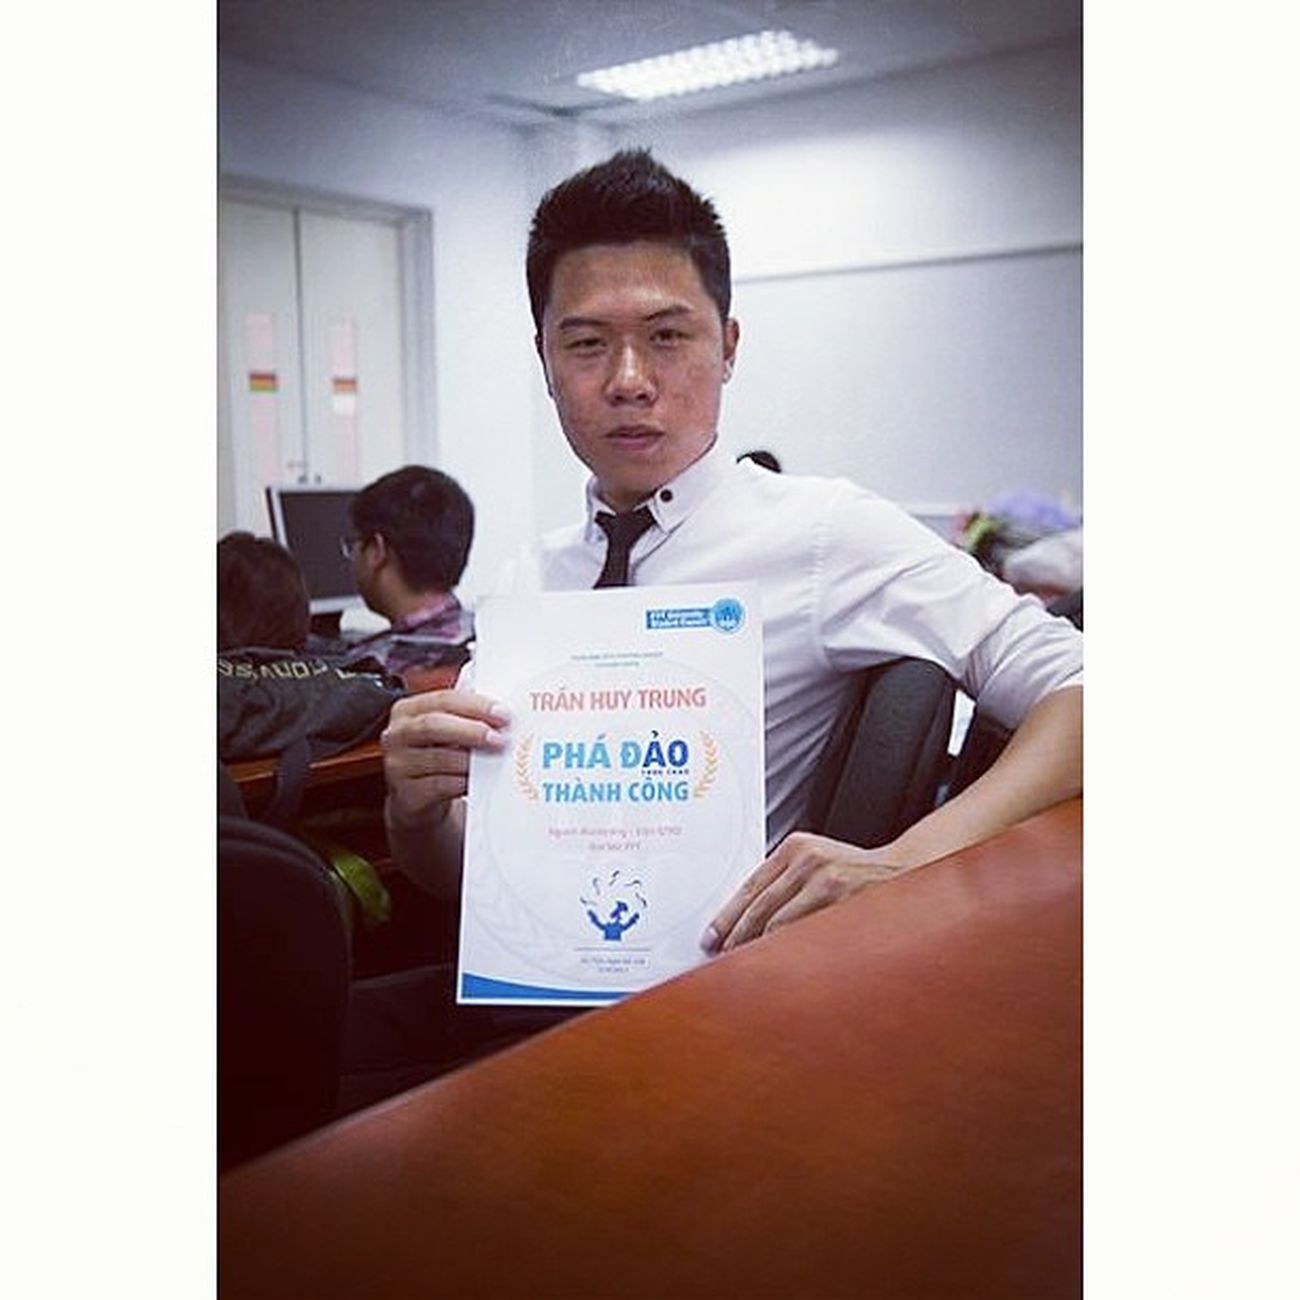 Với chứng chỉ phá đảo thành công Certificate Fpt University